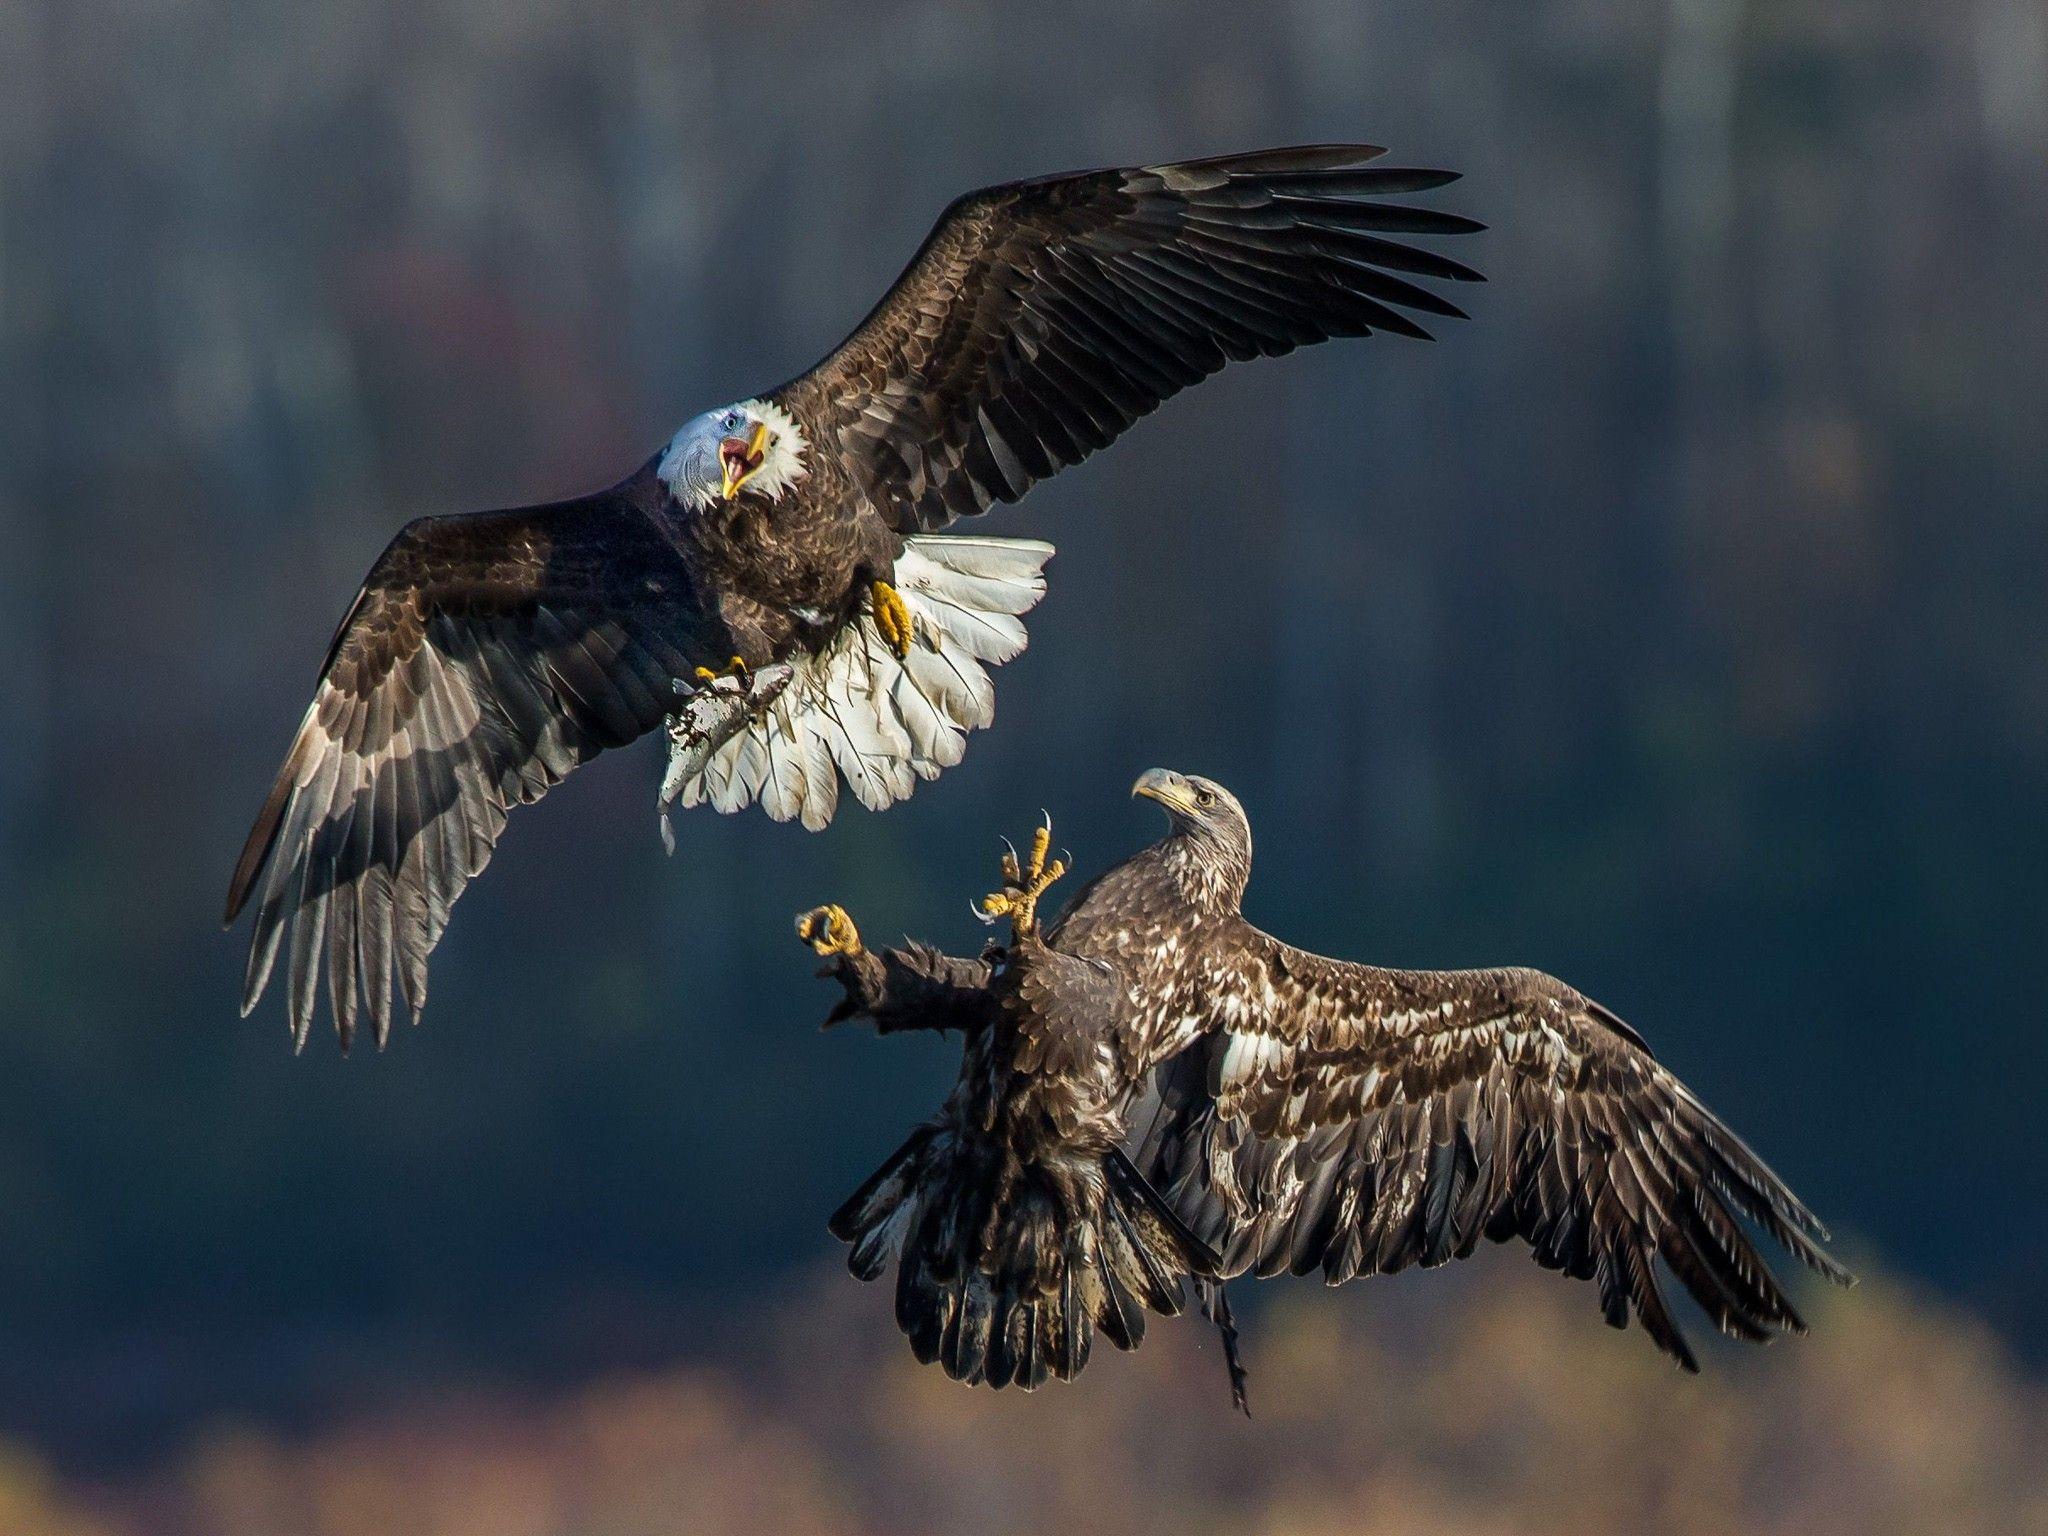 Fotogênicos e em ação: confira 39 fotos de animais em movimento | National Geographic